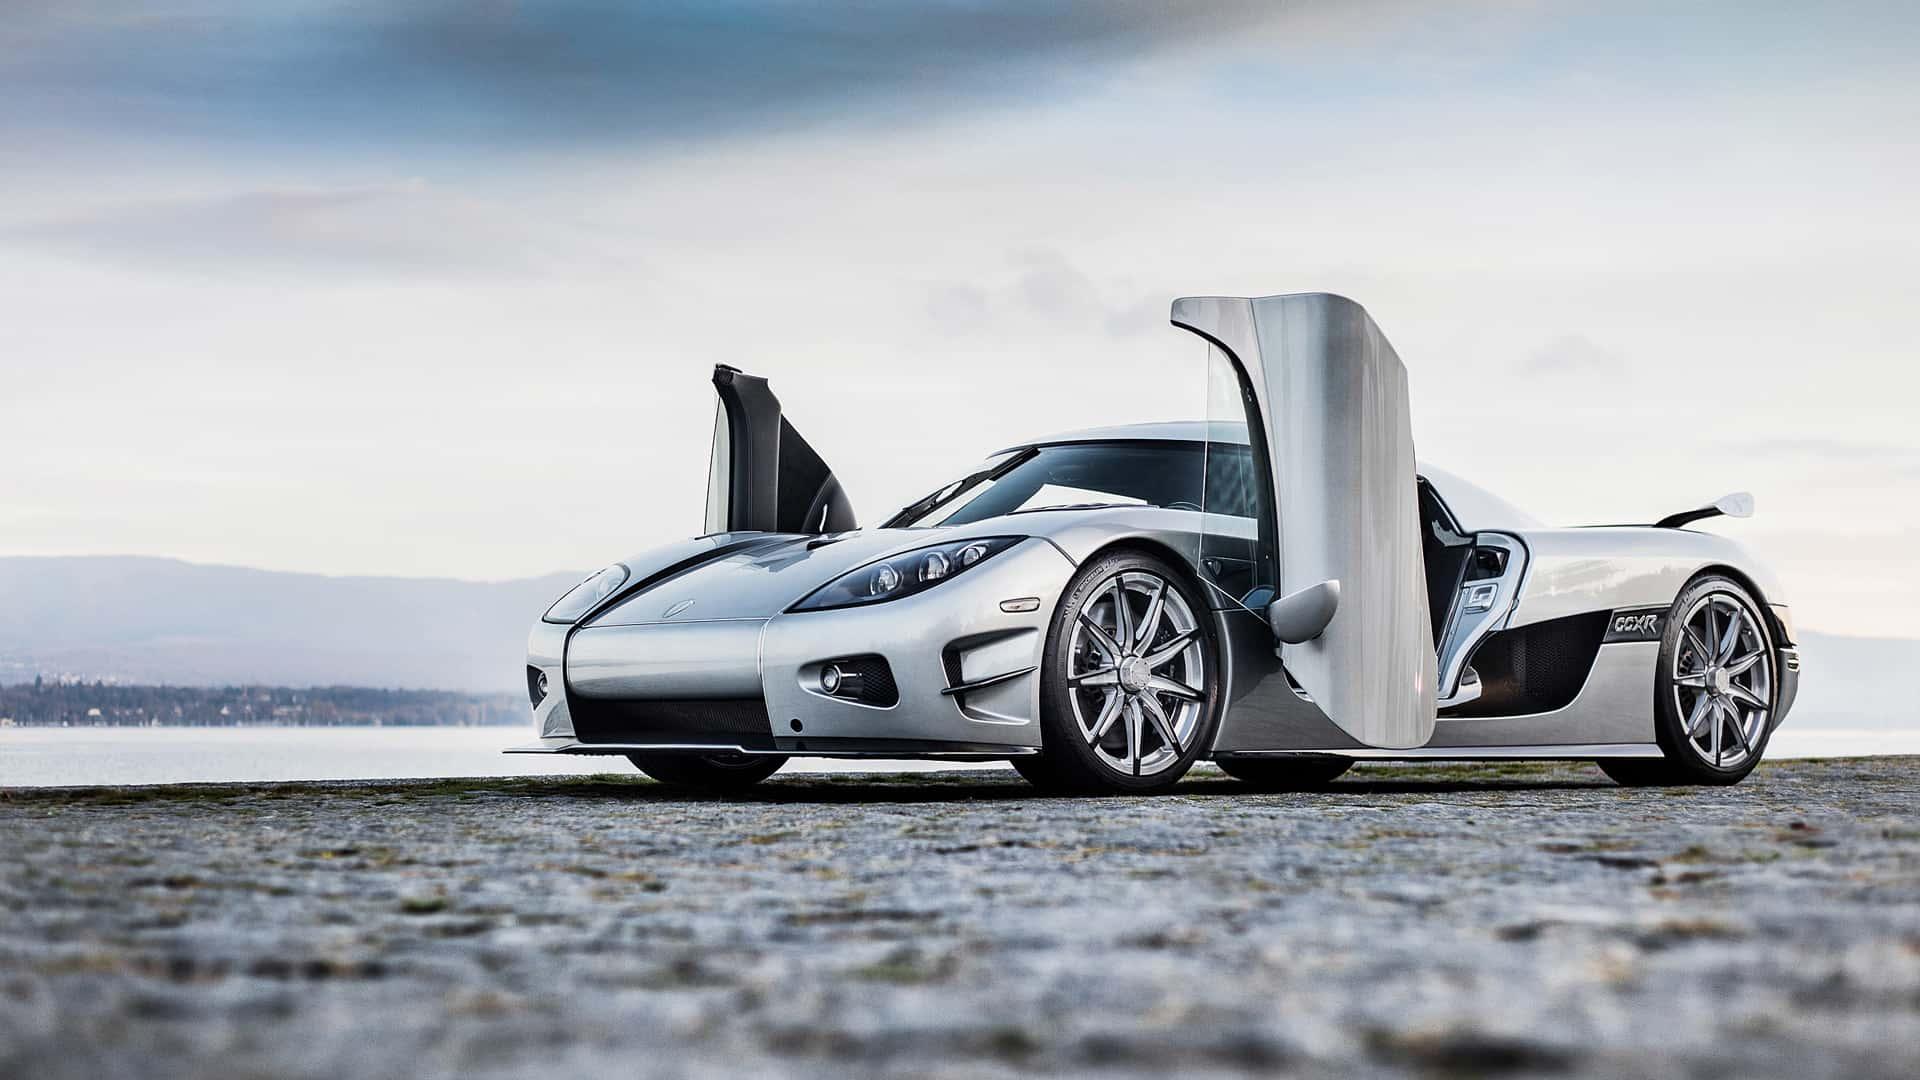 صور اغلى 5 سيارات في العالم لهذا العالم